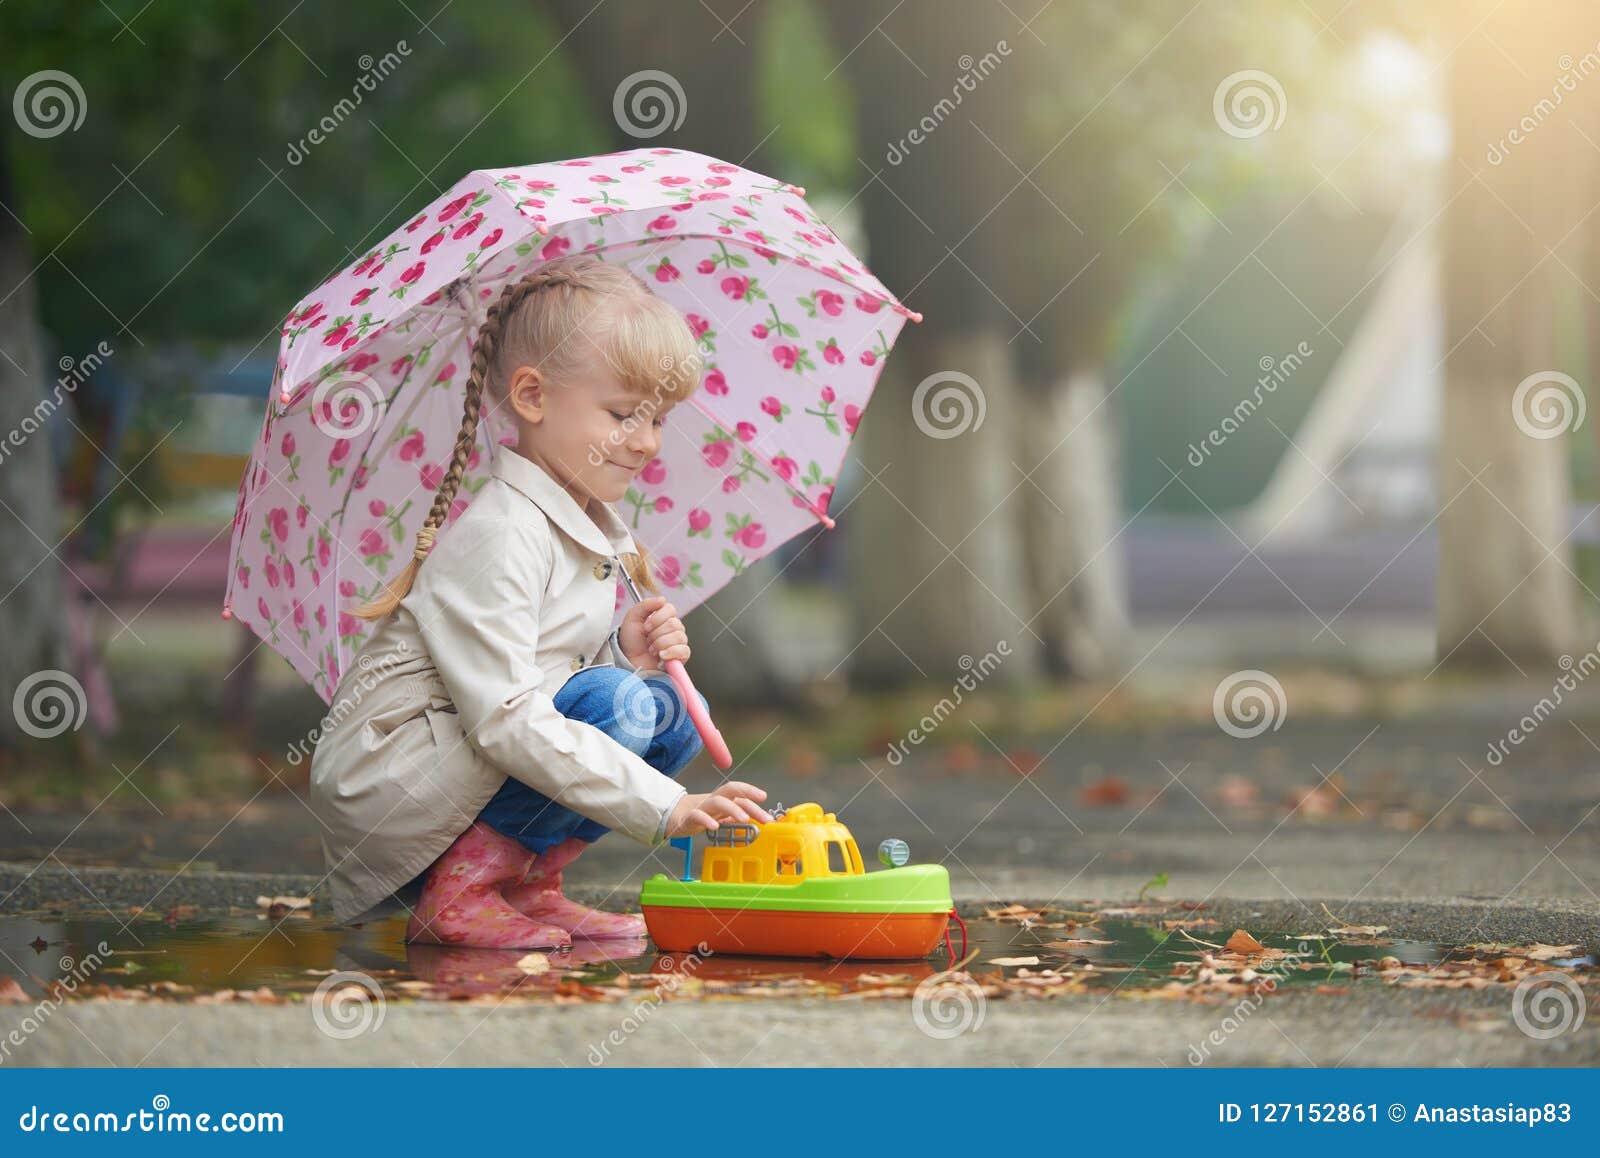 Dziewczyna bawić się w kałuży z łodzią po deszczu